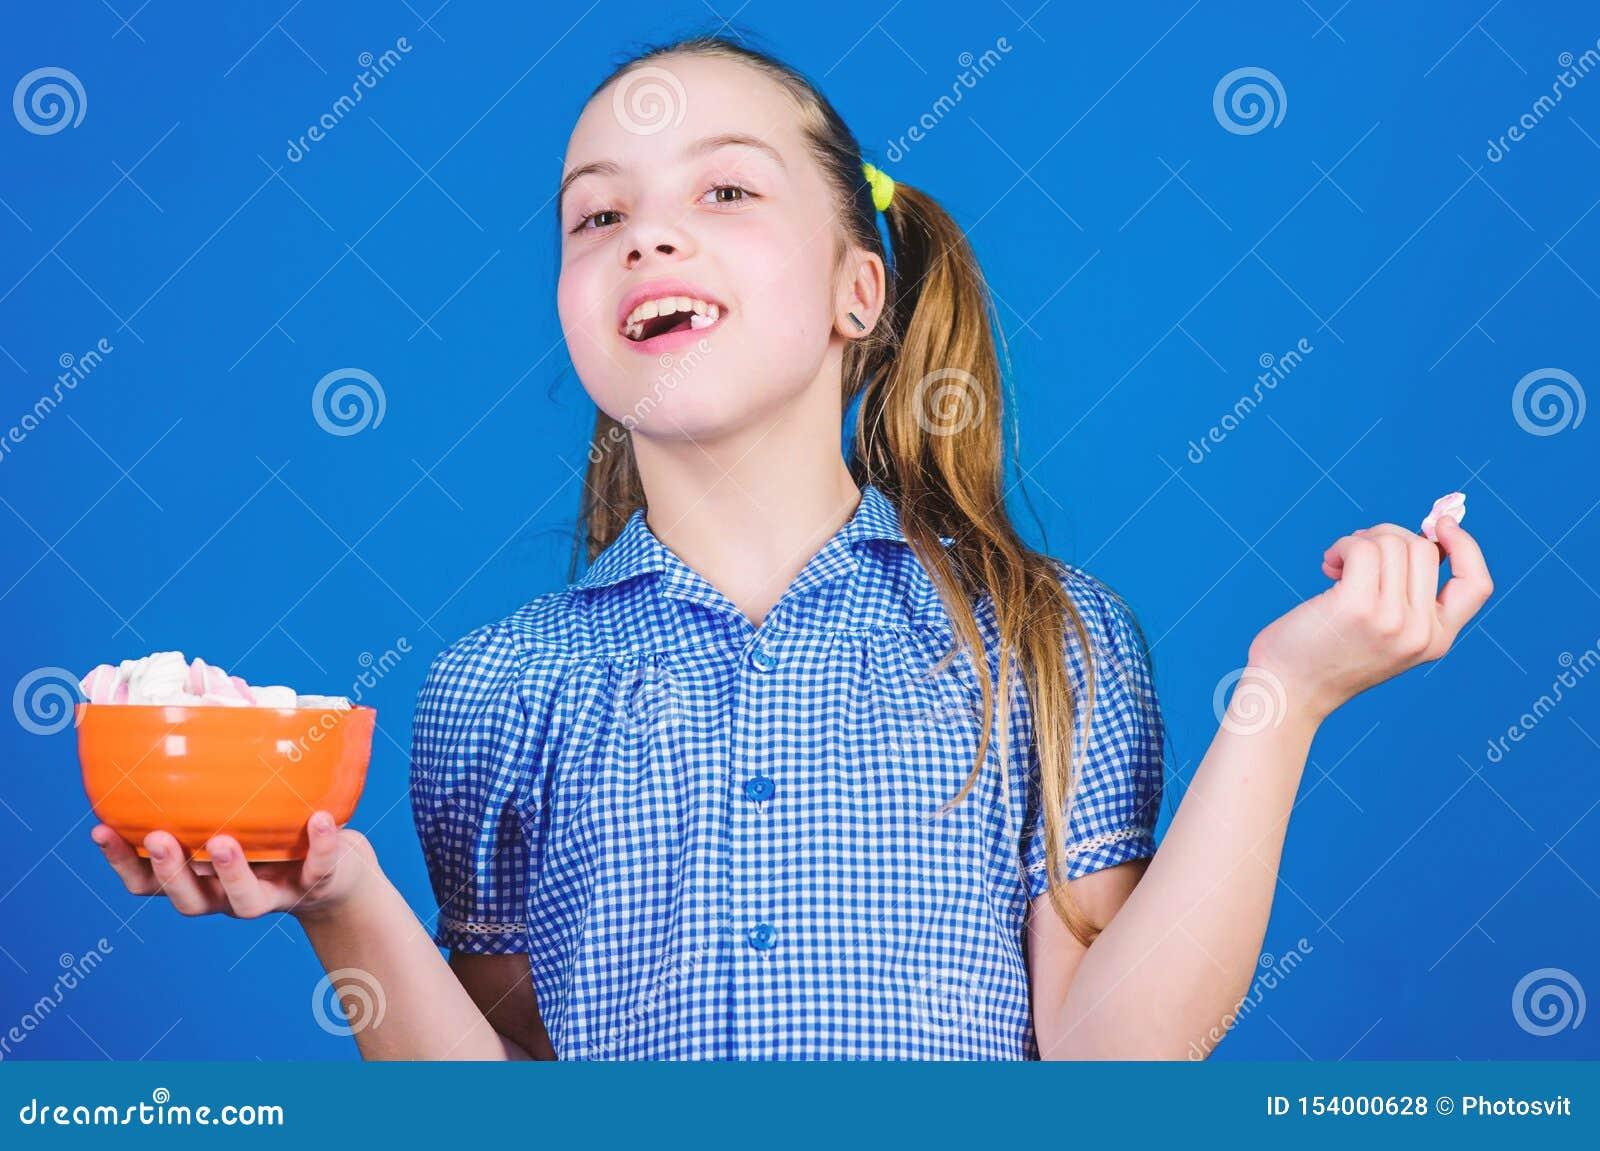 Caramelo dulces e invitaciones felices del amor del peque?o ni?o La peque?a muchacha come la melcocha Dieta y calor?a Concepto de